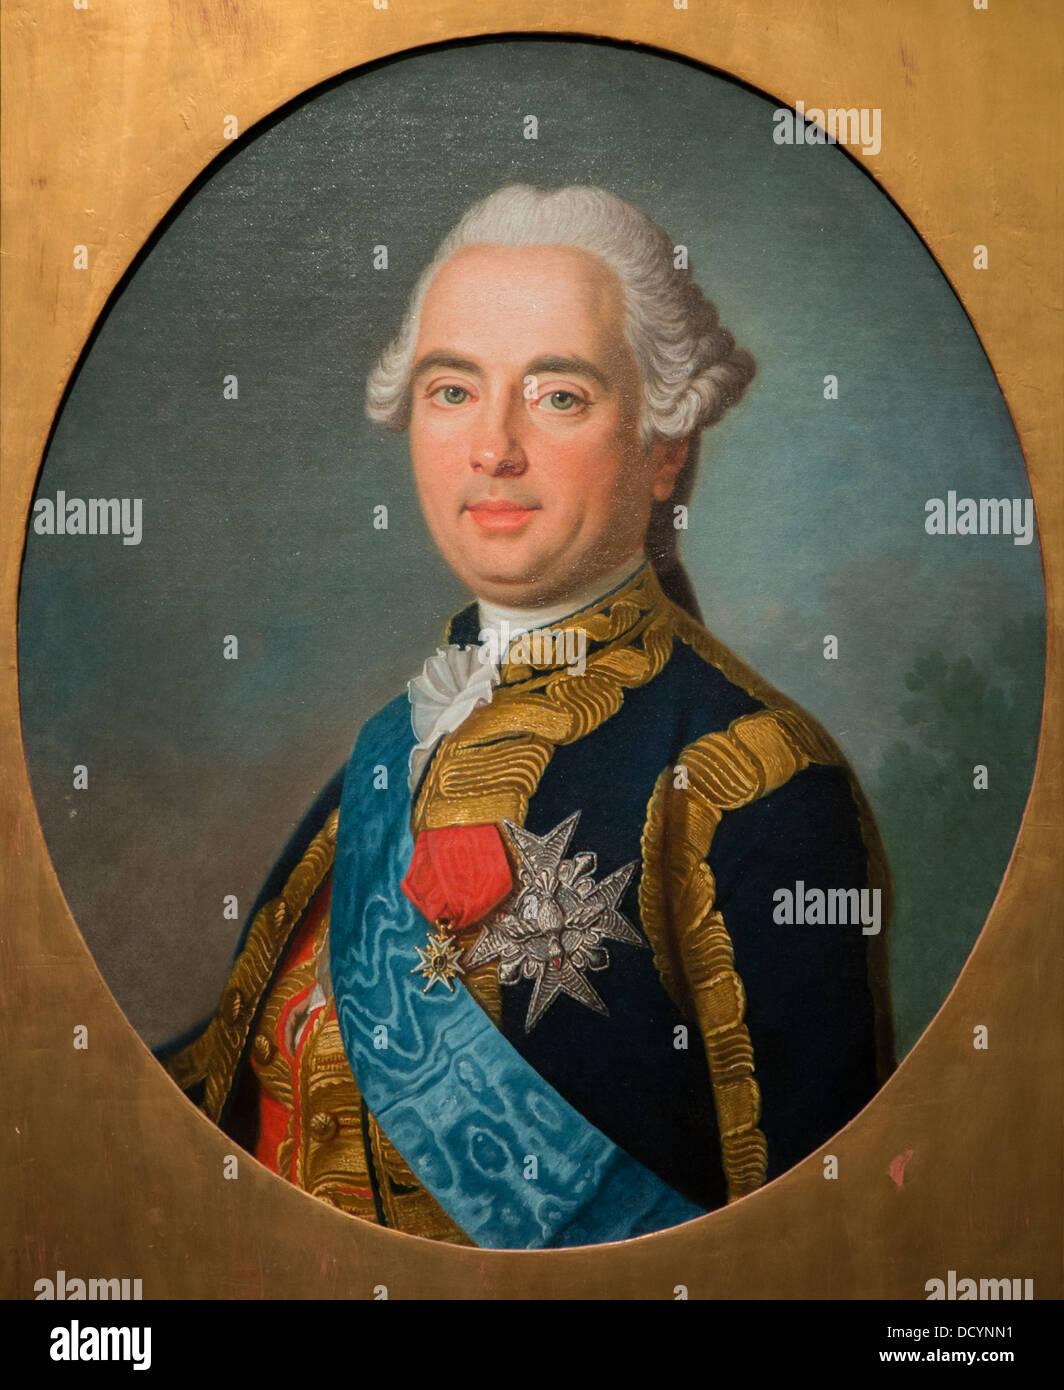 Victor-François, duc de Broglie, maréchal de France - Anonyme - Musée de l'armée Hôtel National des Invalides / Banque D'Images